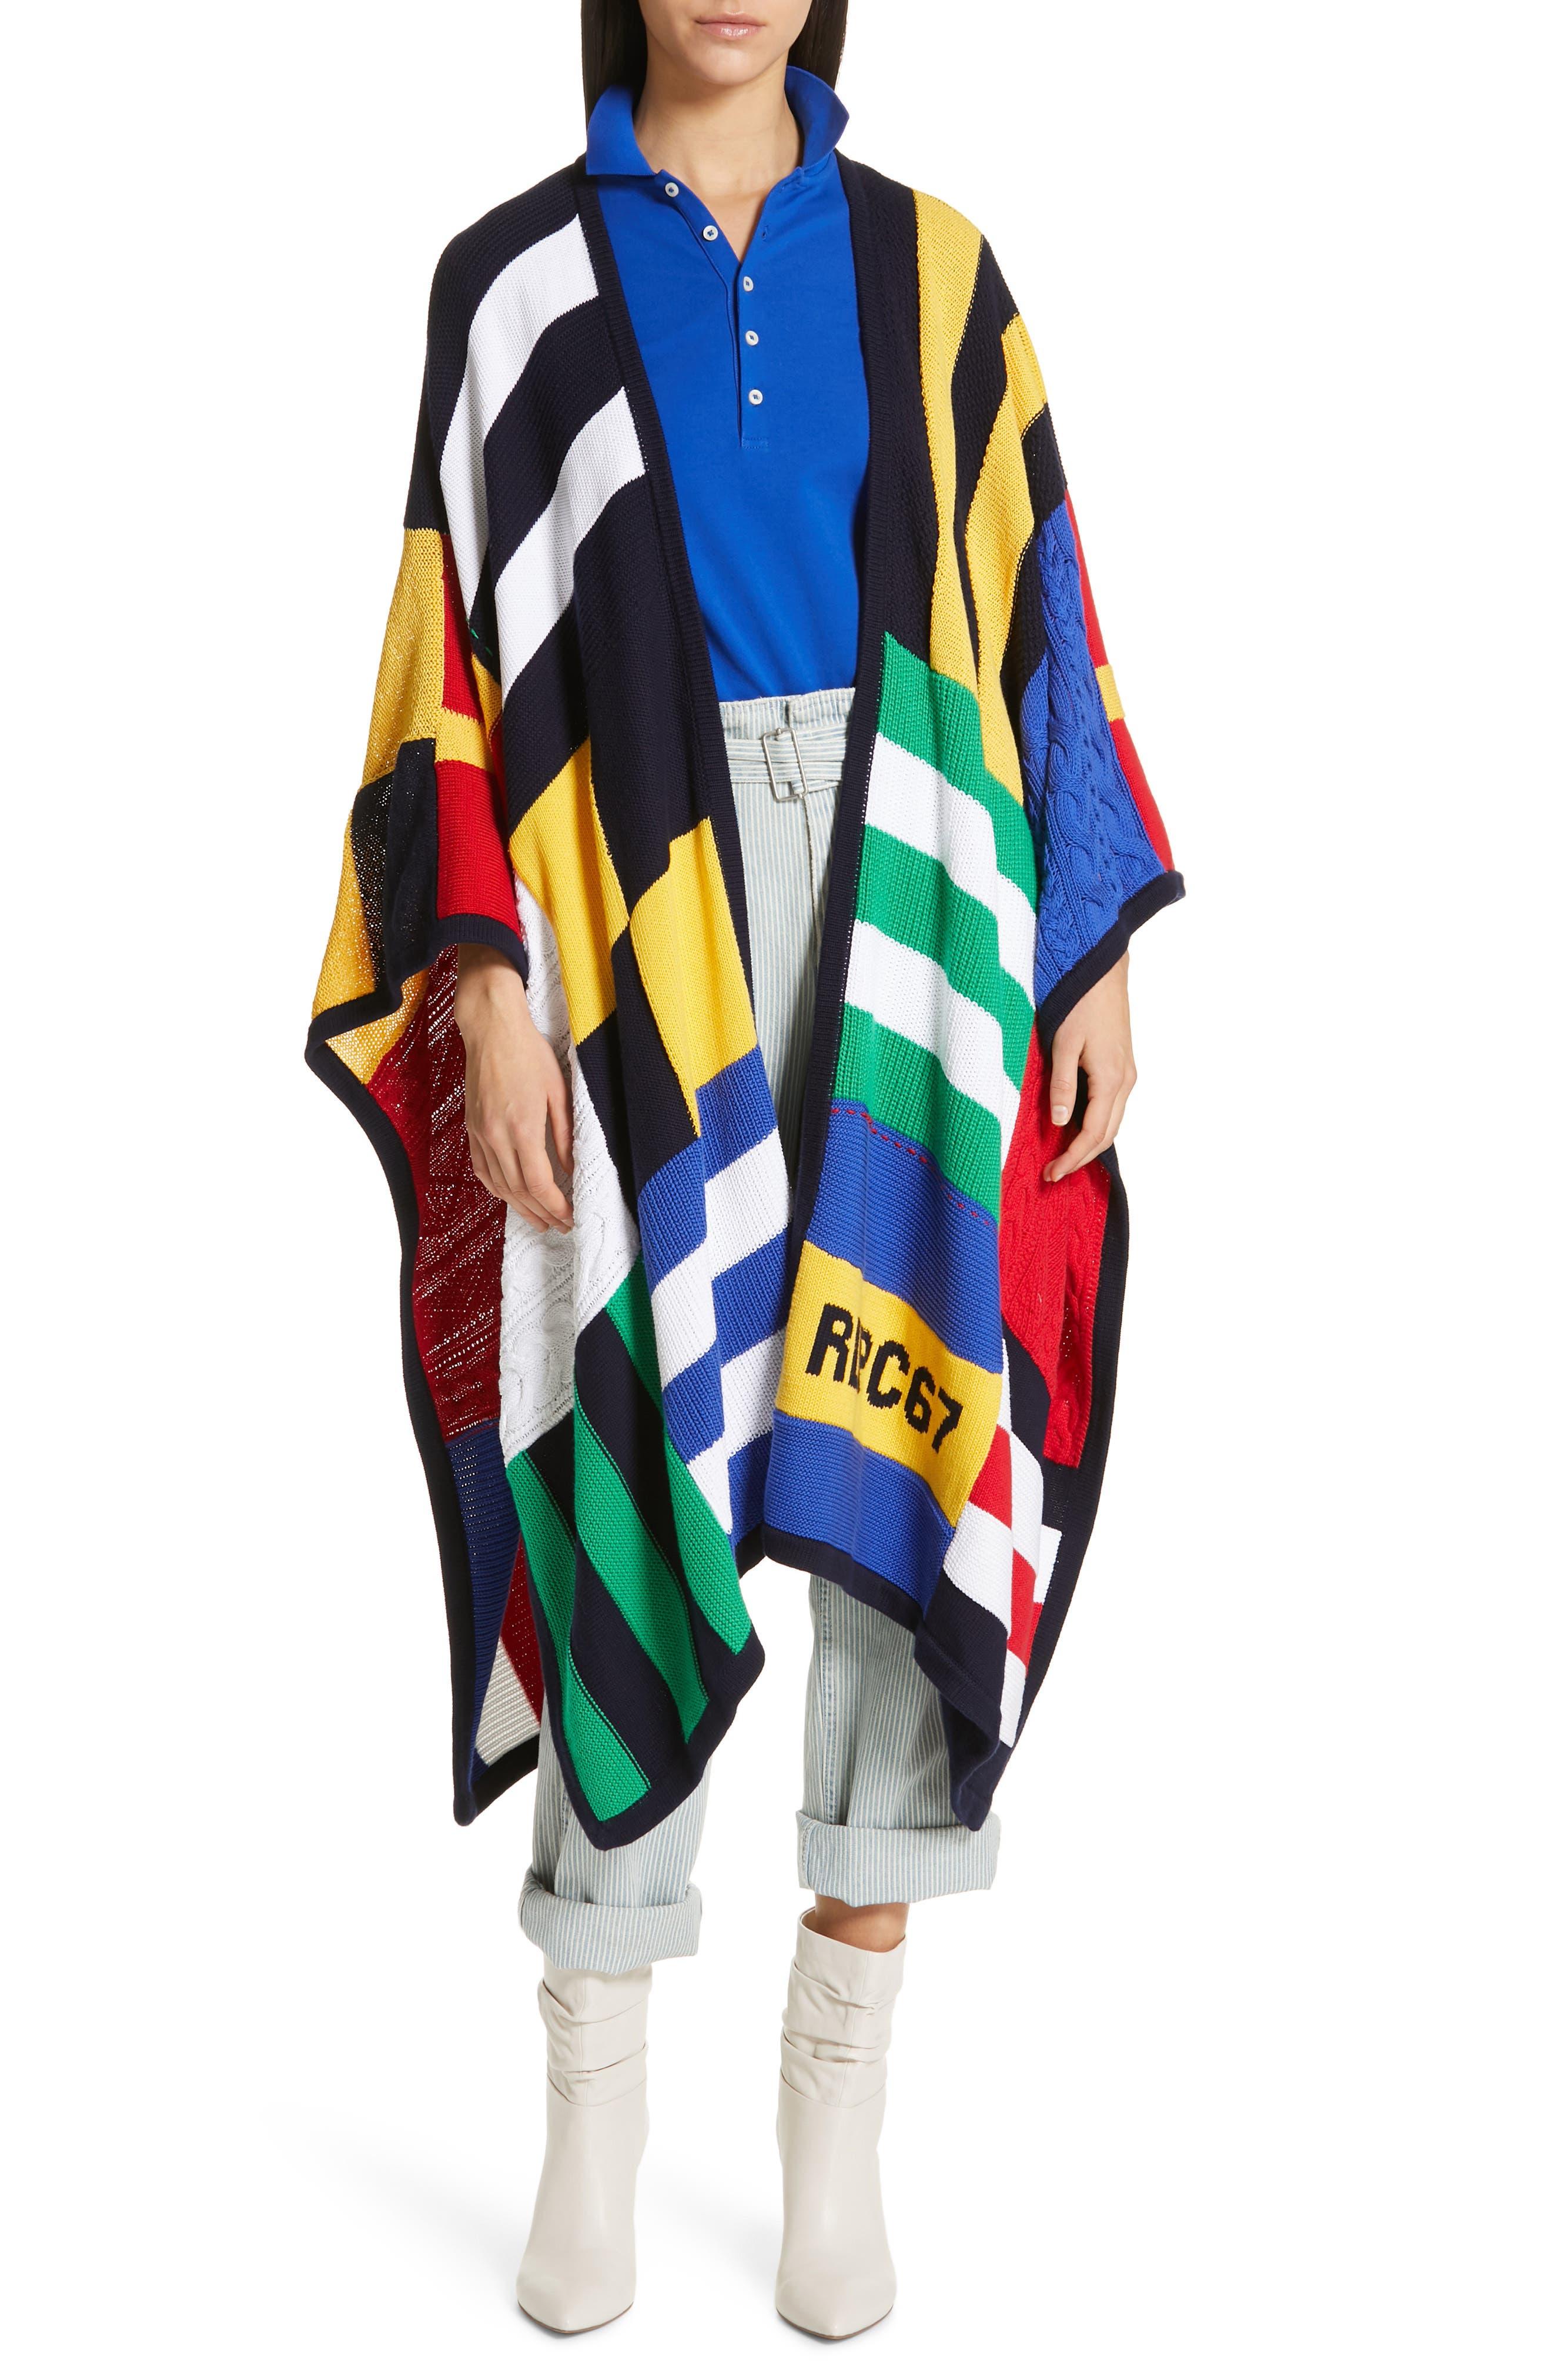 POLO RALPH LAUREN, Paperbag Waist Jeans, Main thumbnail 1, color, RAILROAD STRIPE